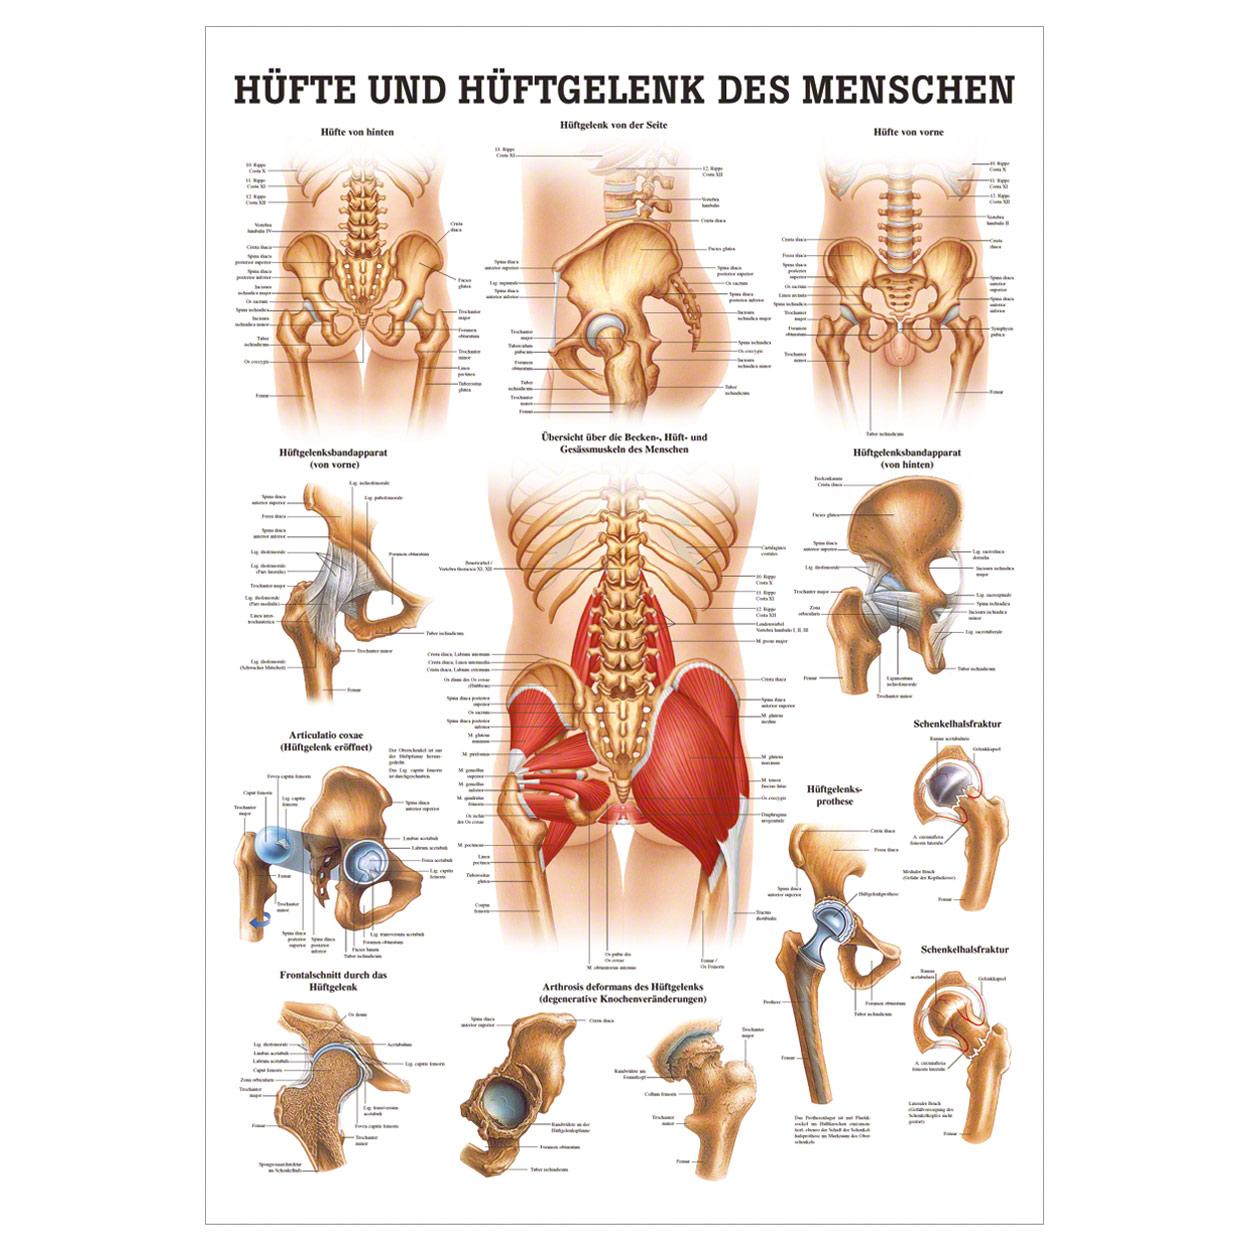 Fein Die Anatomie Der Hüfte Ideen - Menschliche Anatomie Bilder ...